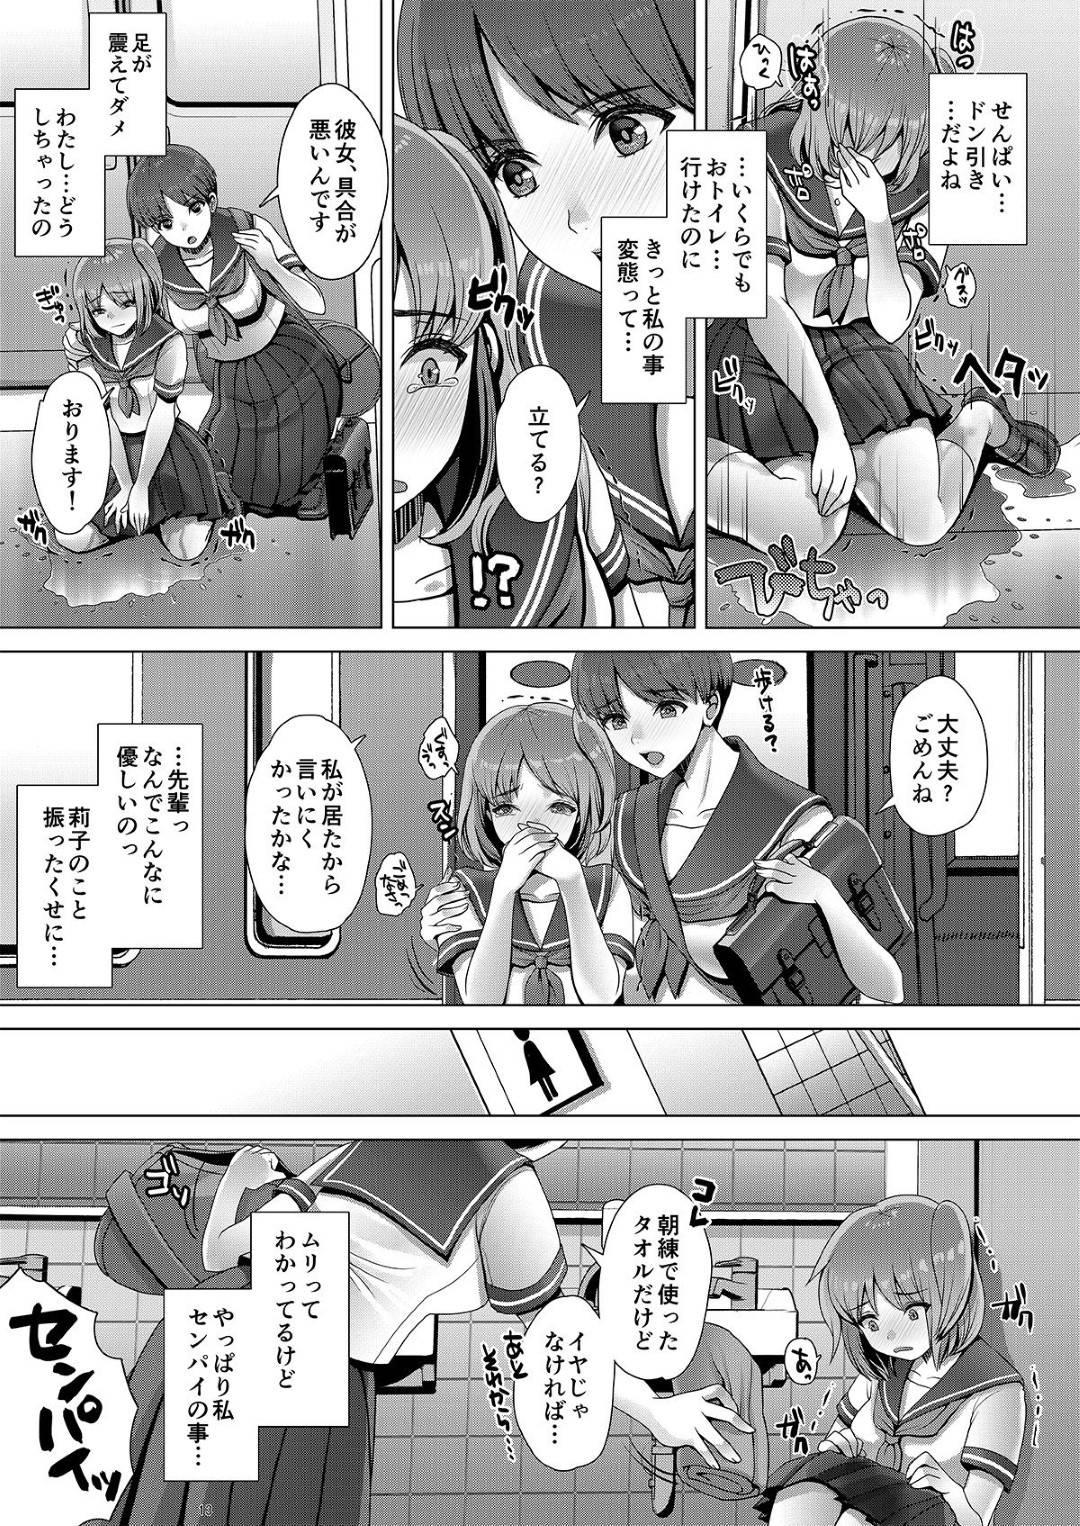 【エロ漫画】おしっこを我慢するのが趣味のJC…おしっこ我慢とあとはマンコが敏感になってオナニーするのが快感。そしておしっこを我慢しながら電車で大好きな女の先輩を追いかけ車内でお漏らししてしまう!【七吉。:おしっこ我慢が趣味なんです。(でもおもらしはイヤっ!)】